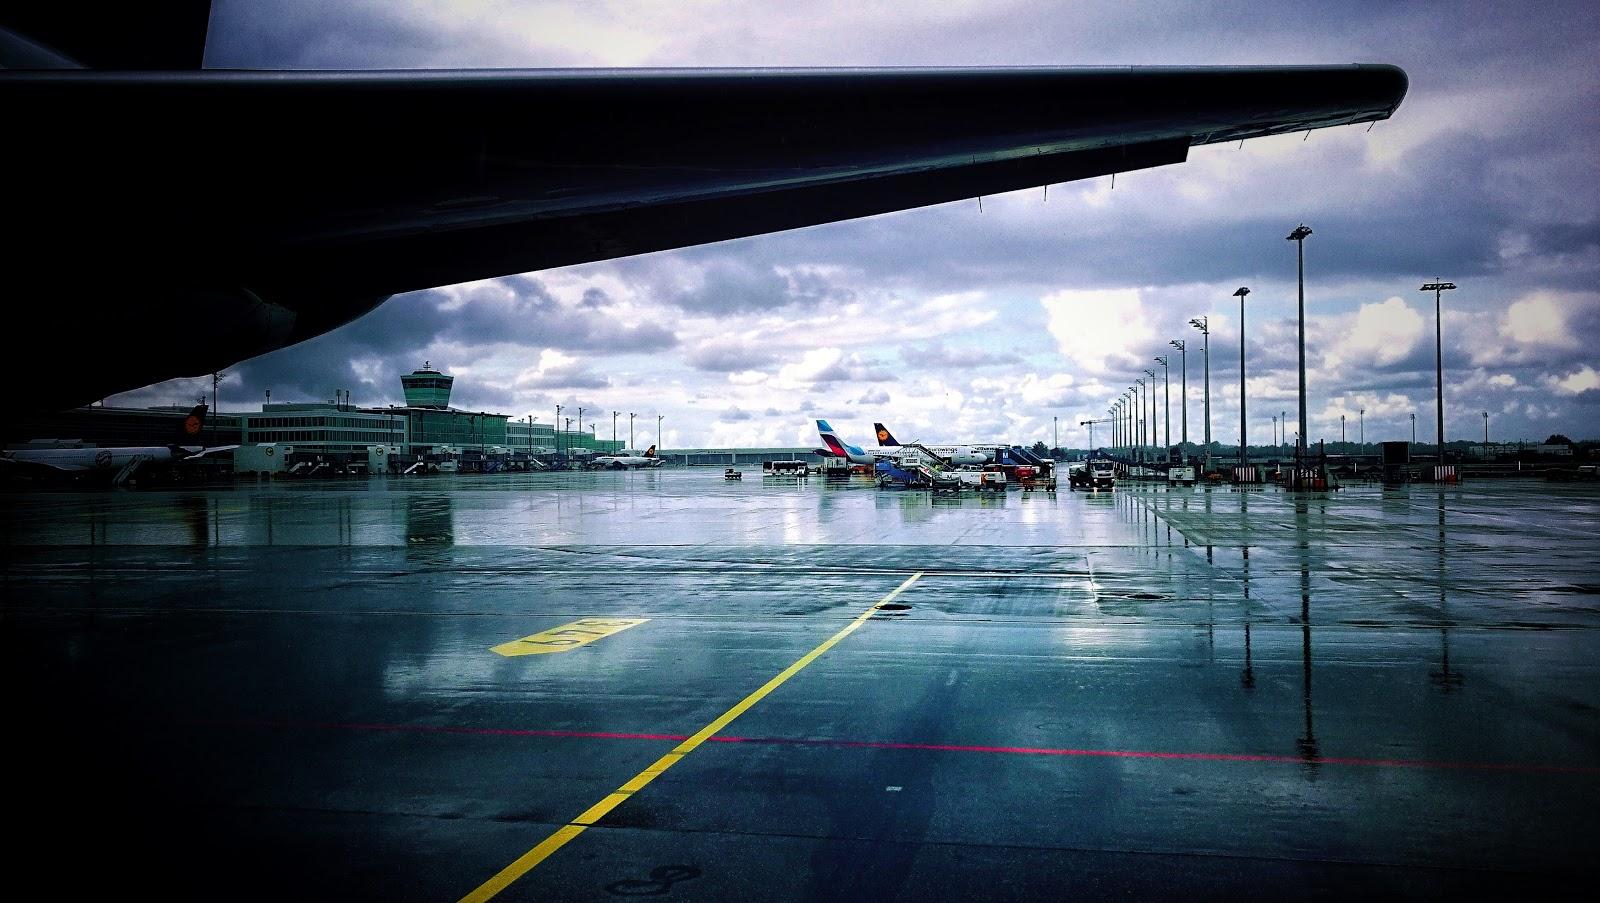 Münchner Flughafen Gebäude bei Regen man sieht Flugzeuge